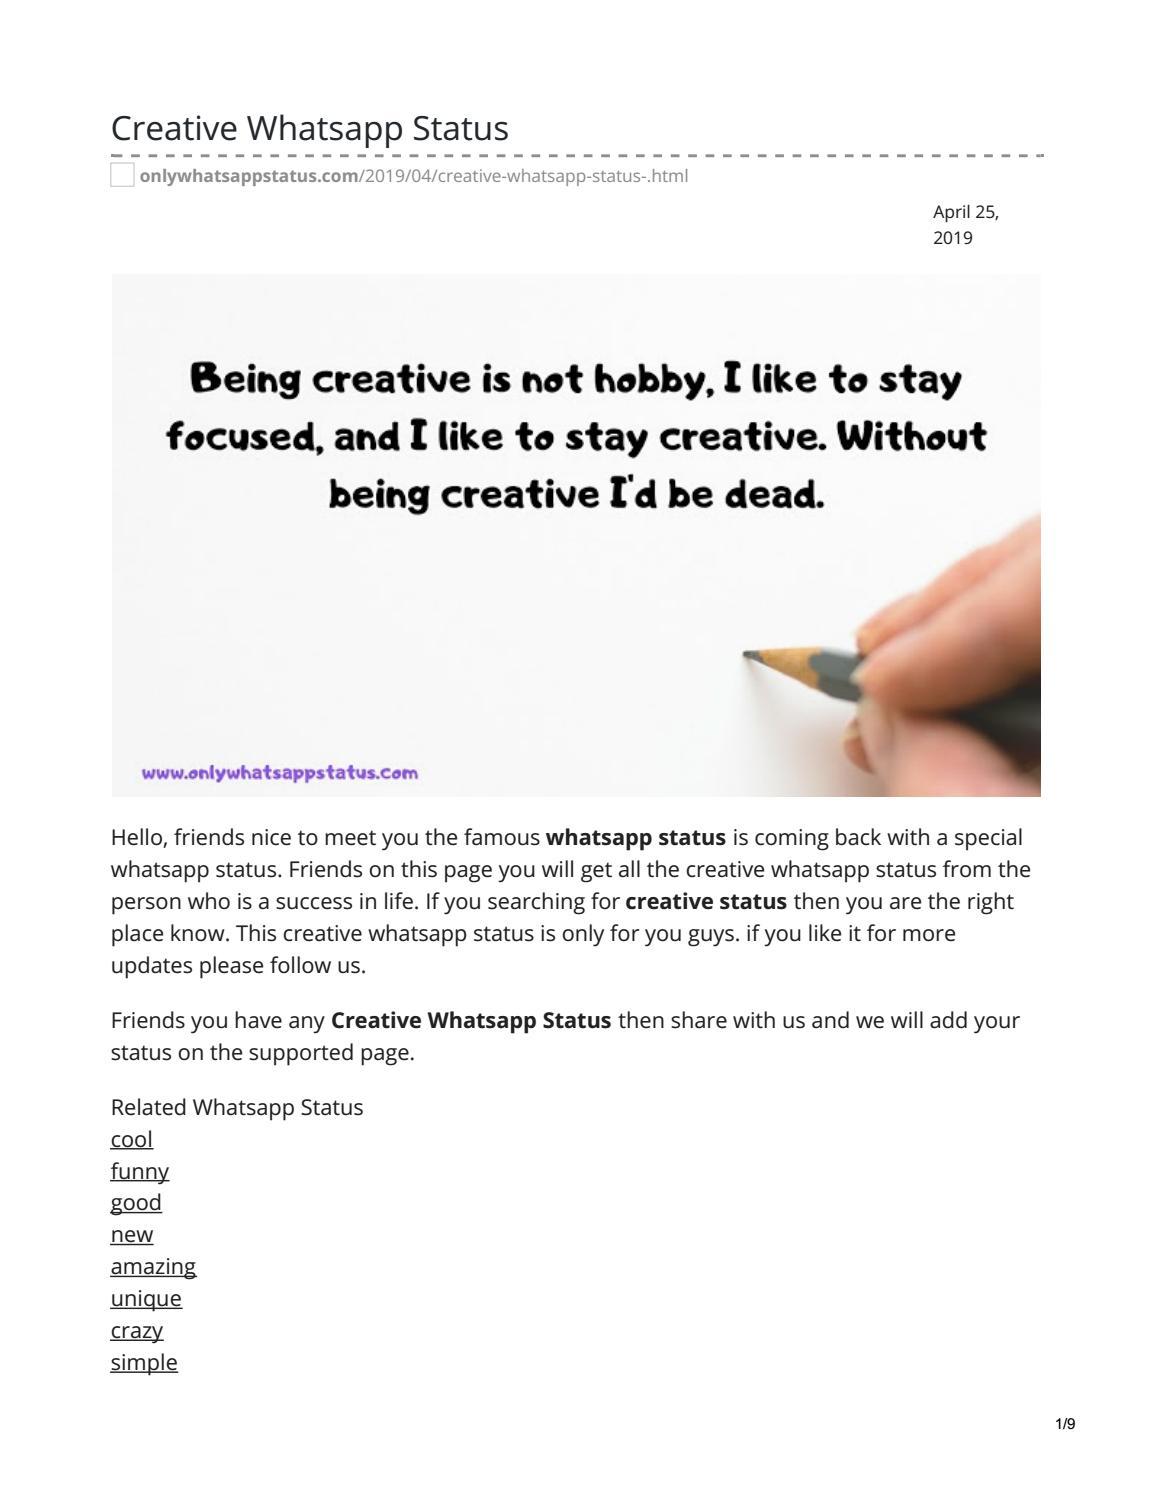 Creative Whatsapp Status By Whatsappstatus Issuu